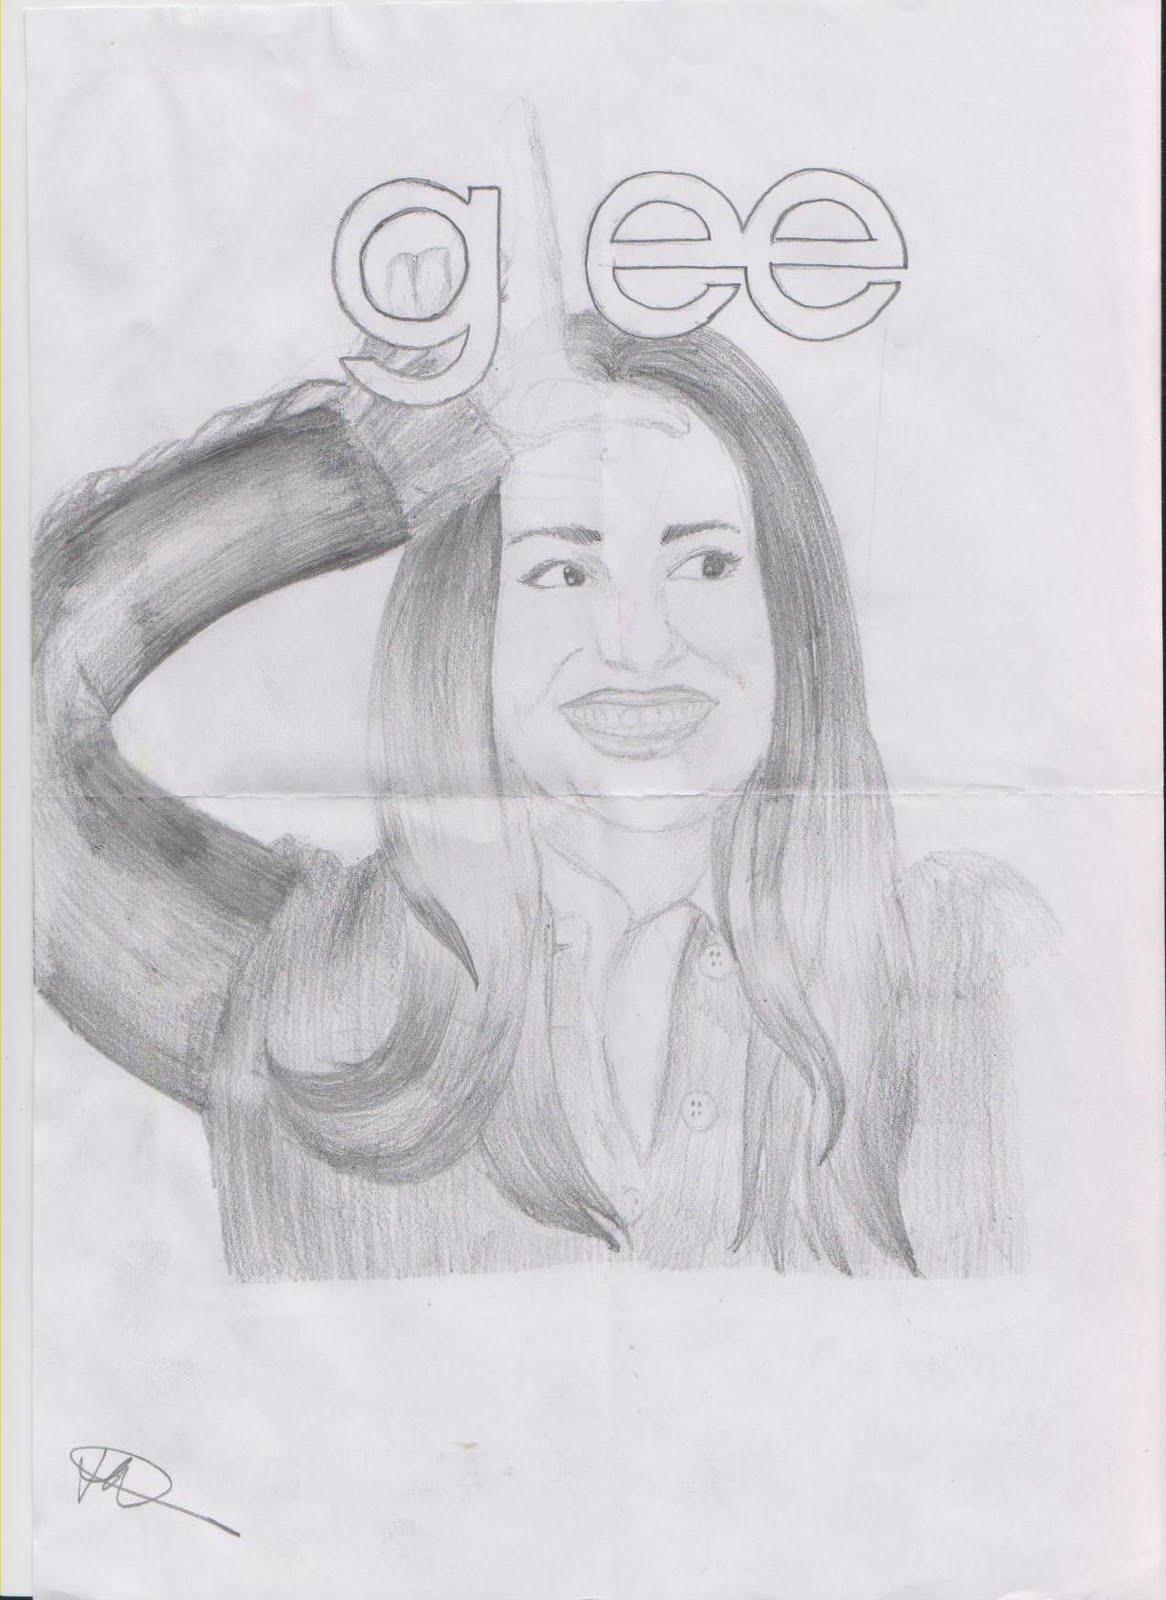 http://4.bp.blogspot.com/-OZtLlpUldts/Tl-1GD4NK3I/AAAAAAAAAIU/uT2O-n2hBqs/s1600/glee+rachel+drawing.jpg